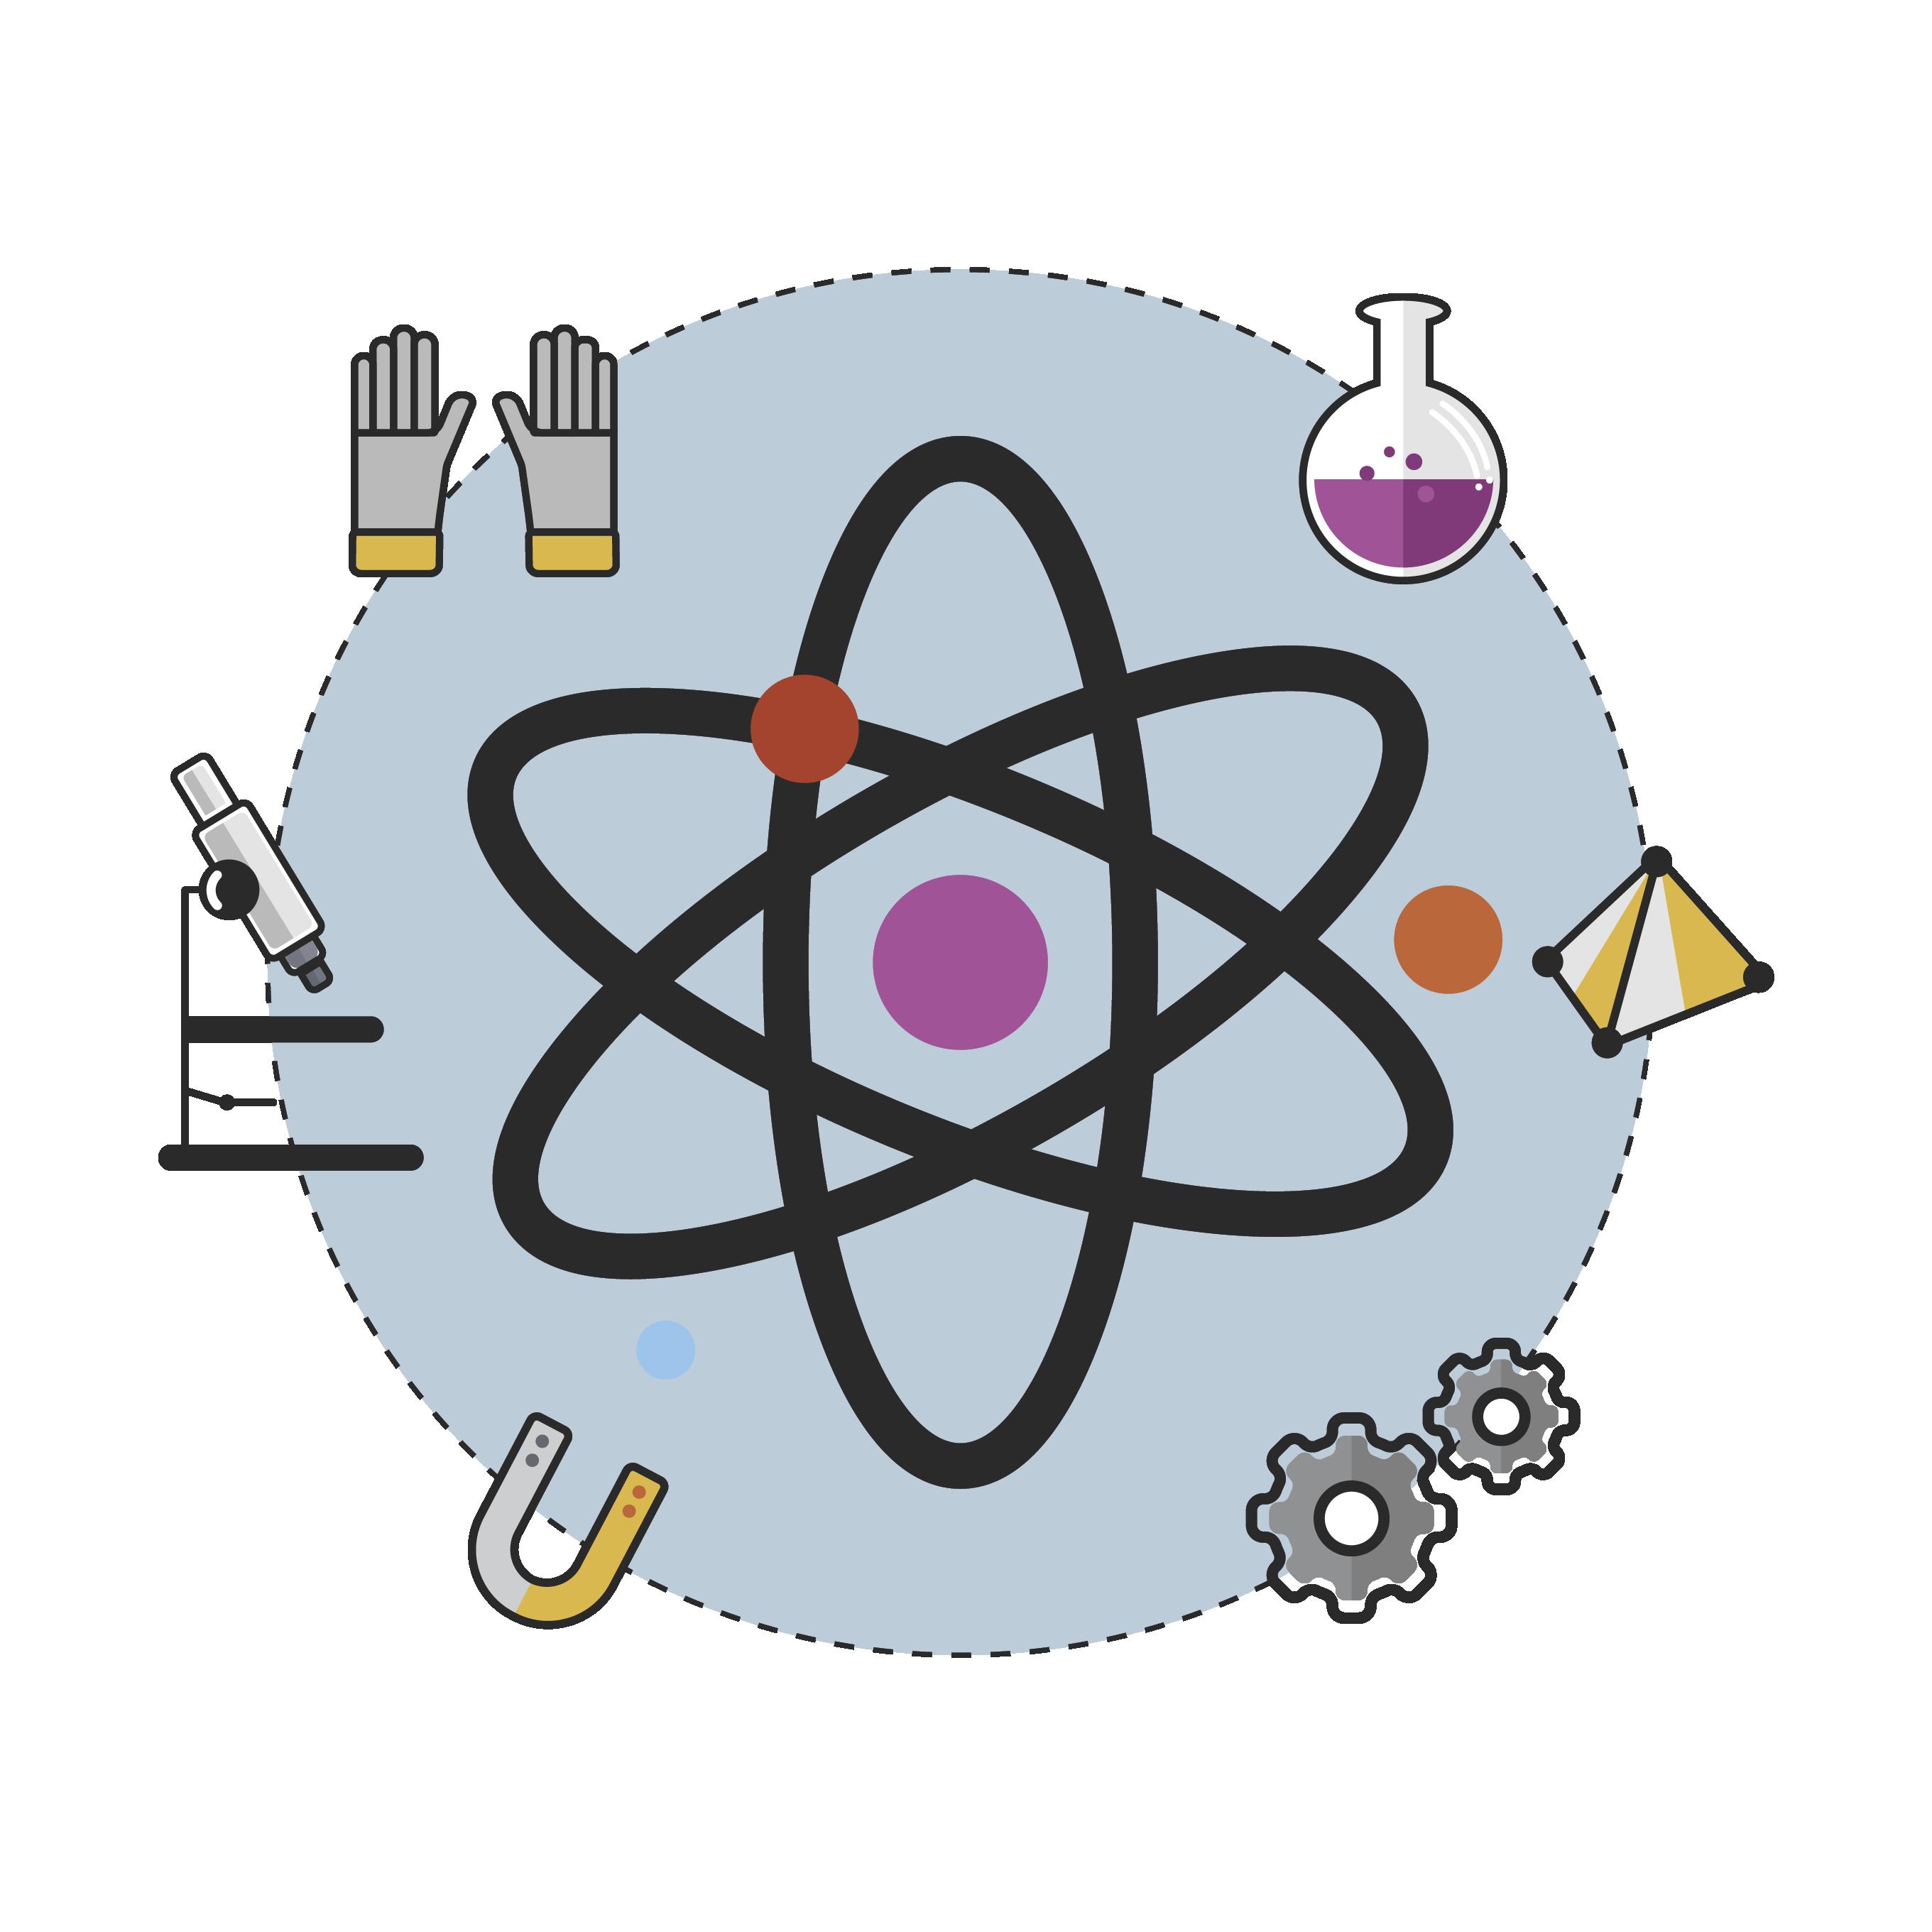 С 1 апреля по 30 мая 2021 года в Мининском университете пройдет общеуниверситетская Научная сессия (студенческие Дни науки)